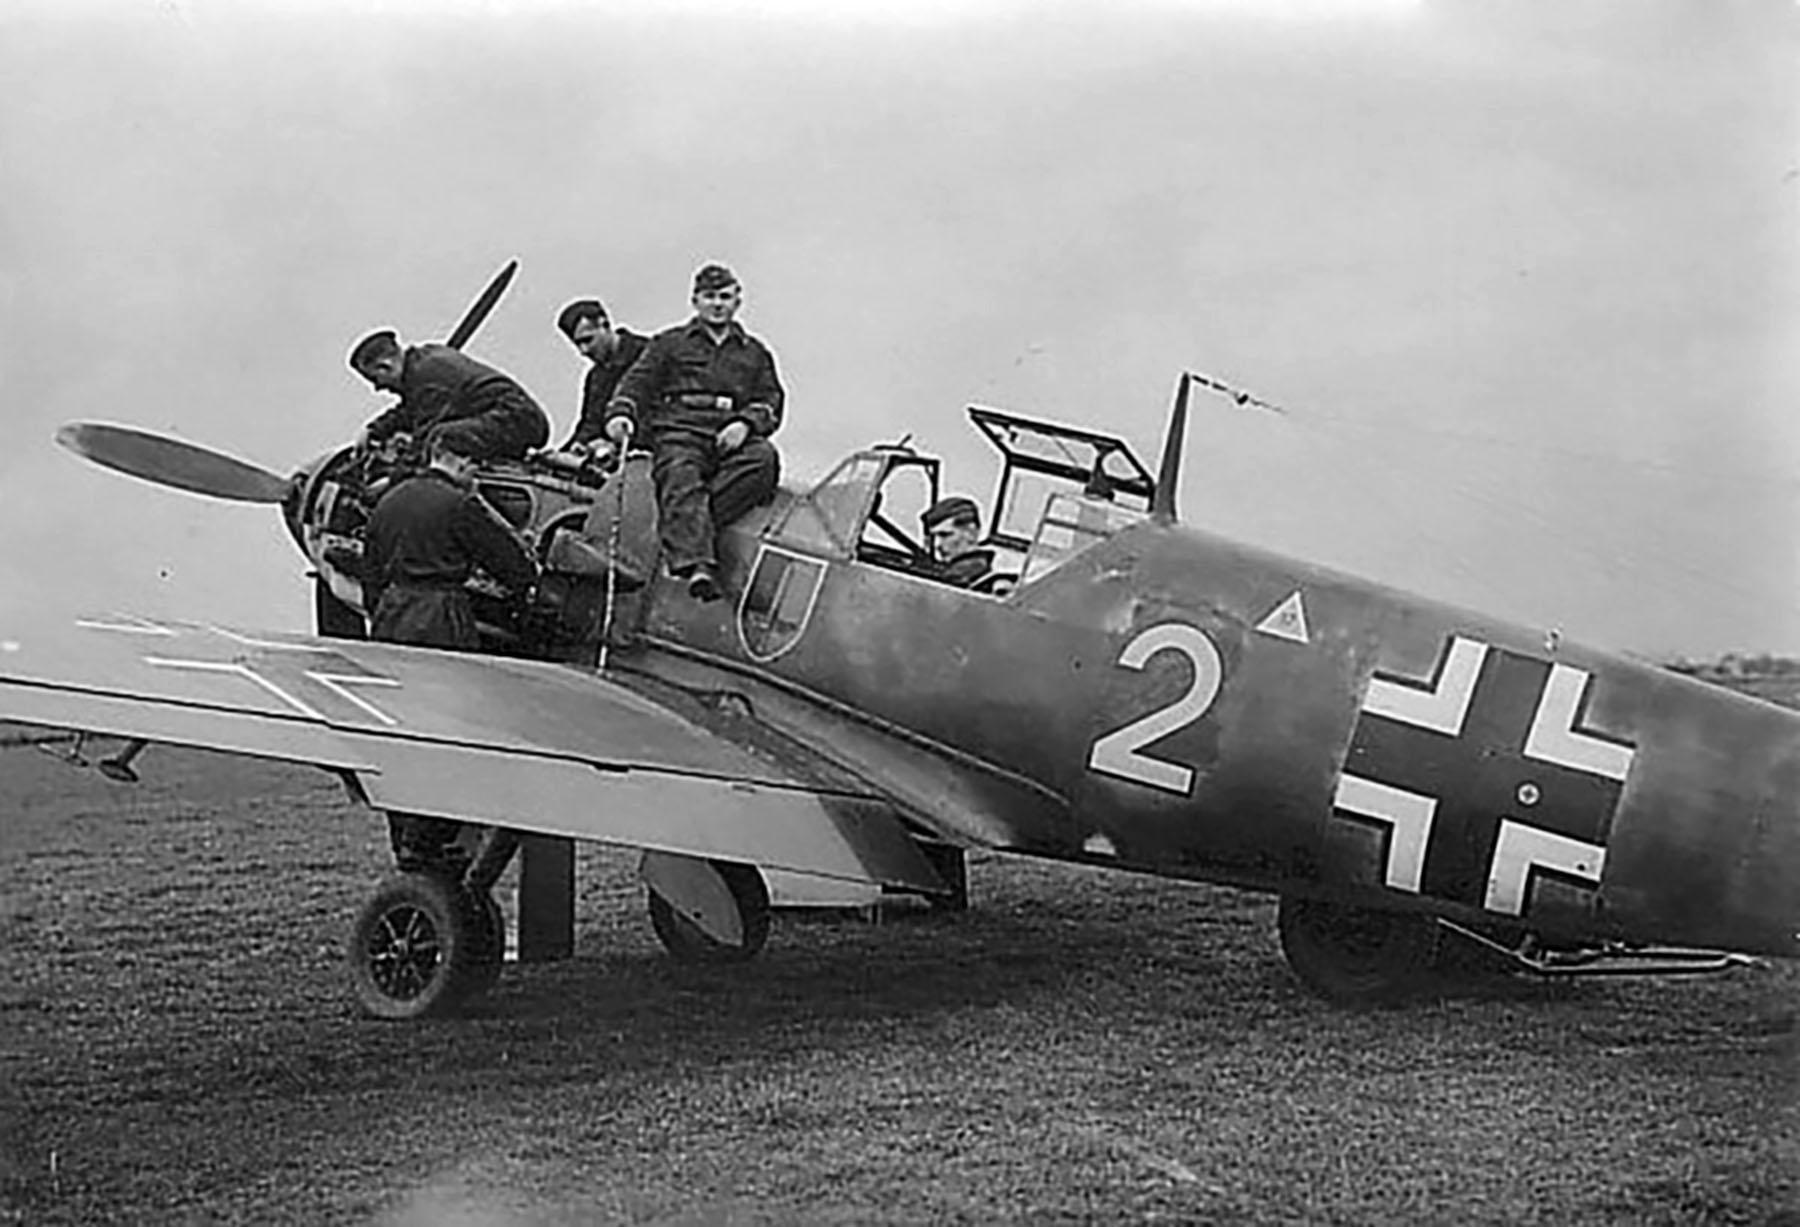 Messerschmitt Bf 109E4 3.JG52 Yellow 2 being rearmed France 1940 01